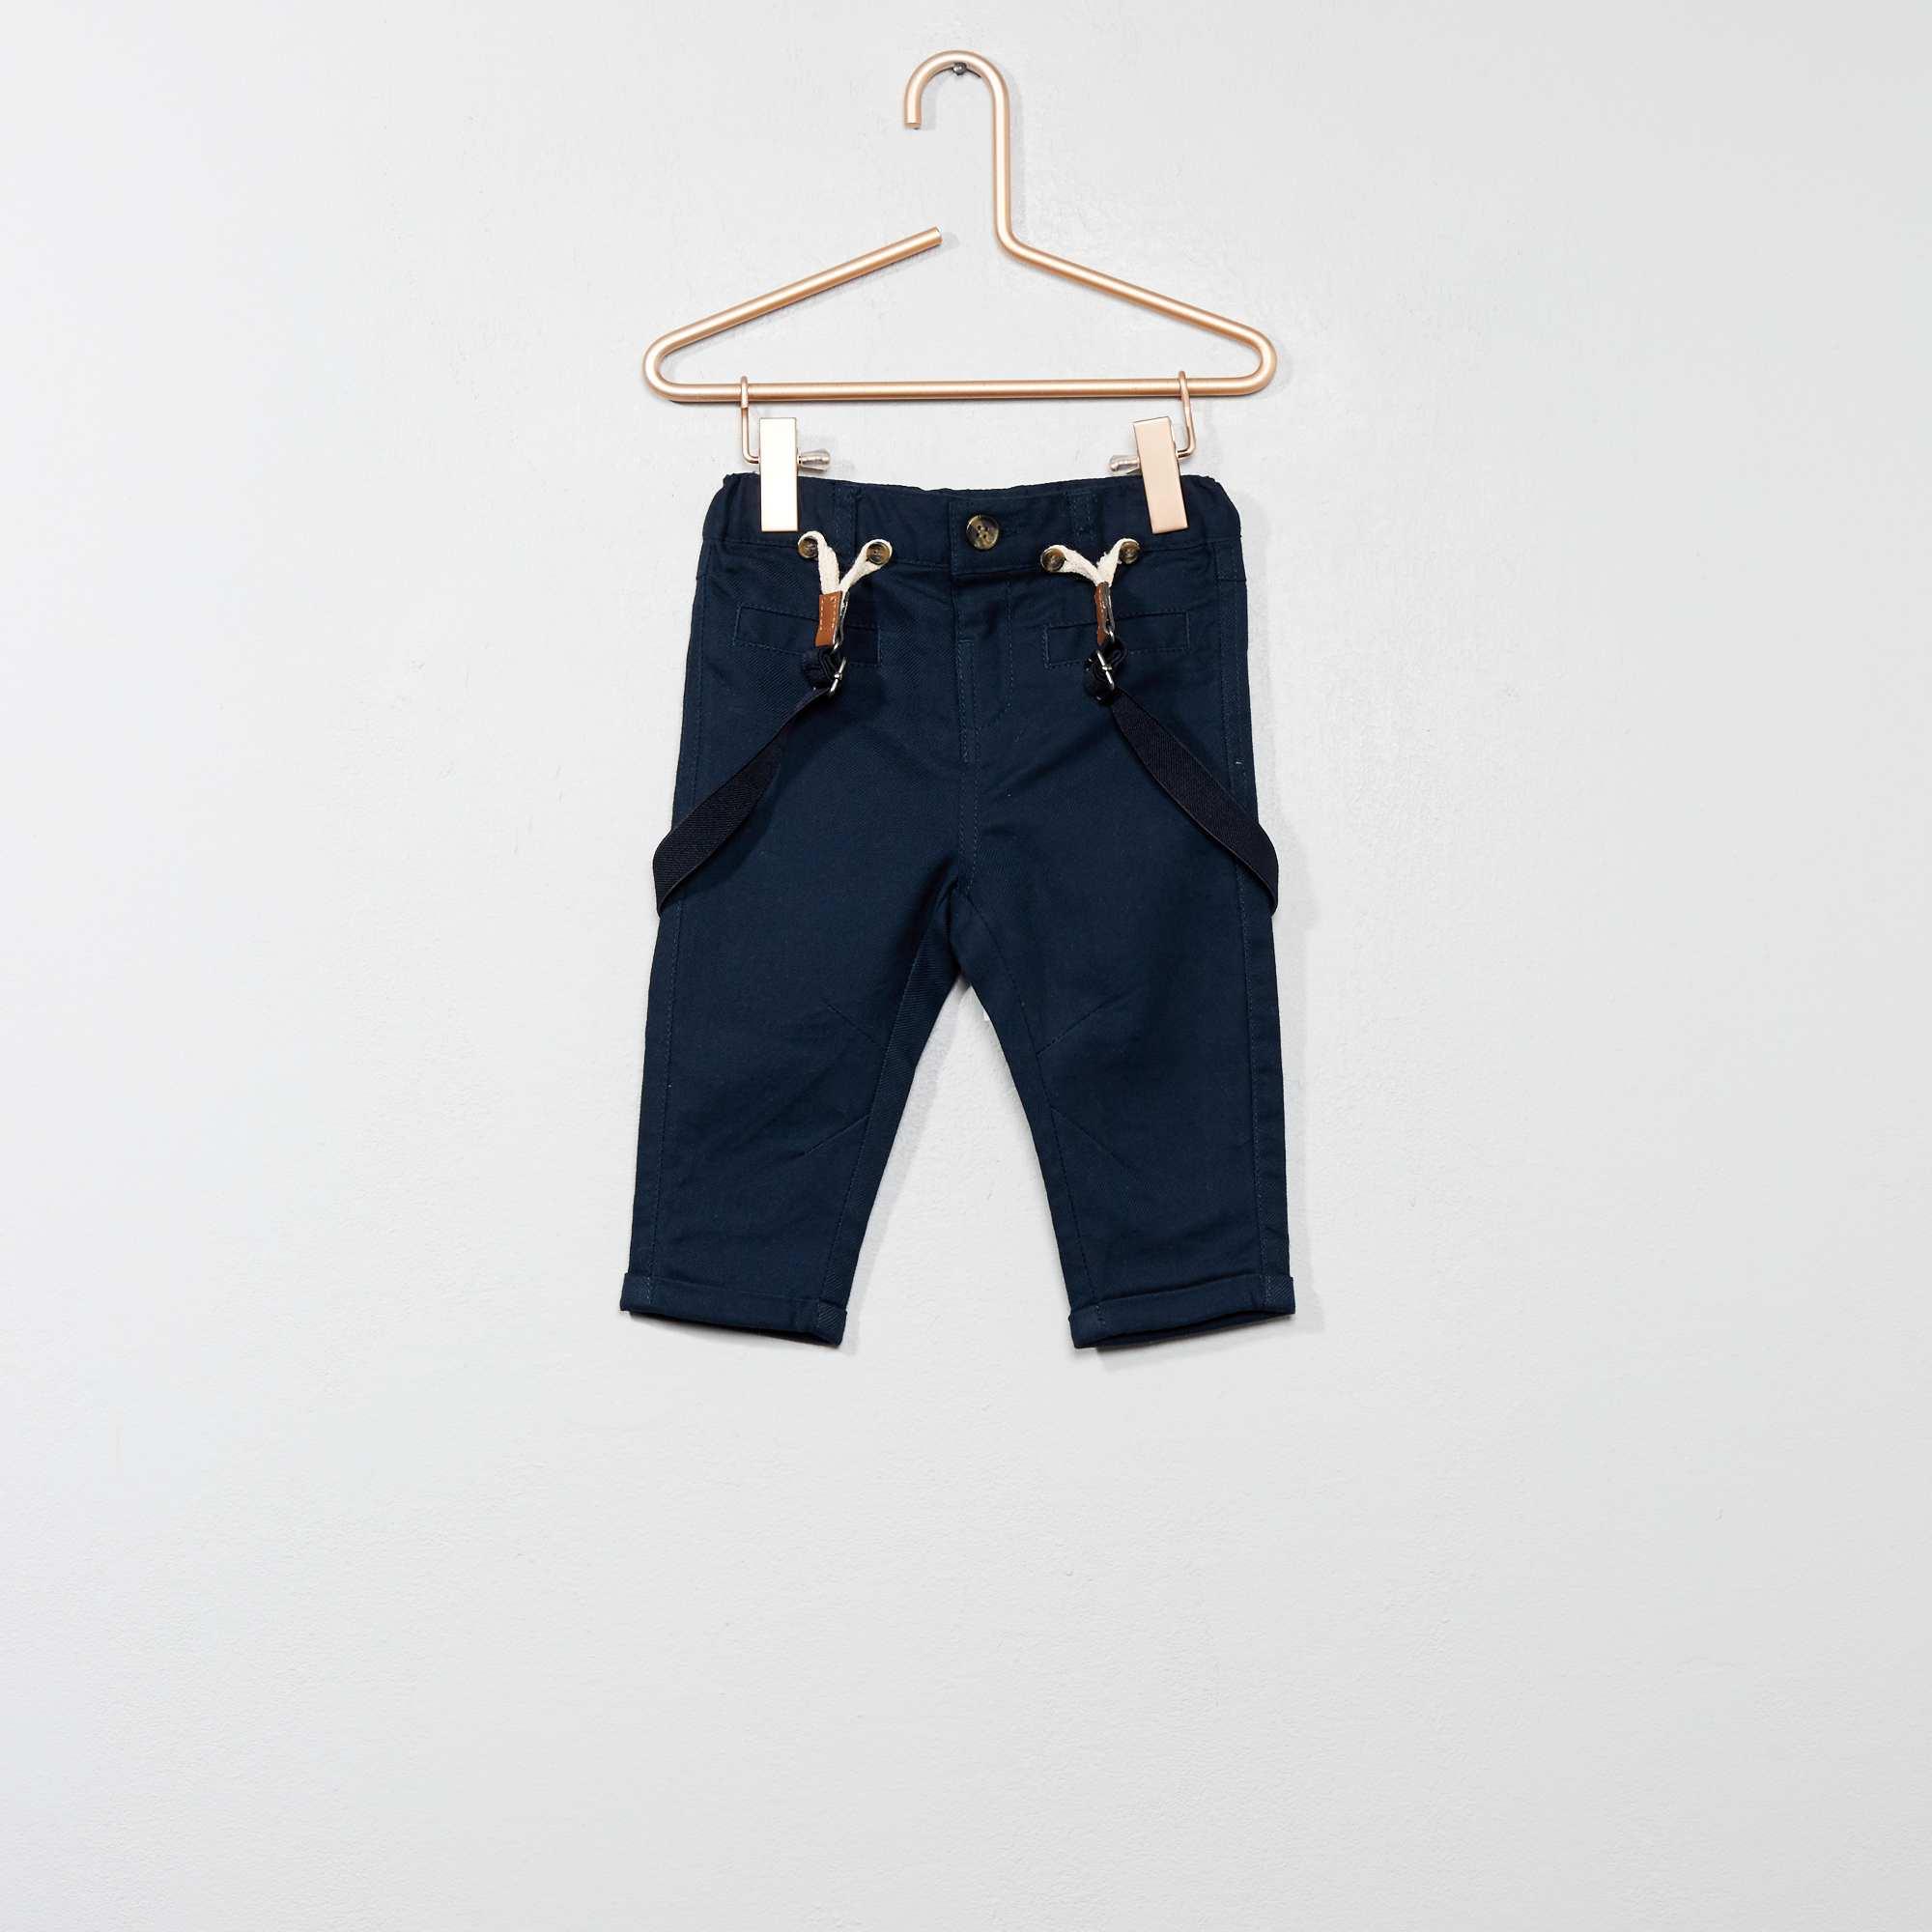 968f056dc Pantalón de sarga con tirantes Bebé niño - azul - Kiabi - 15